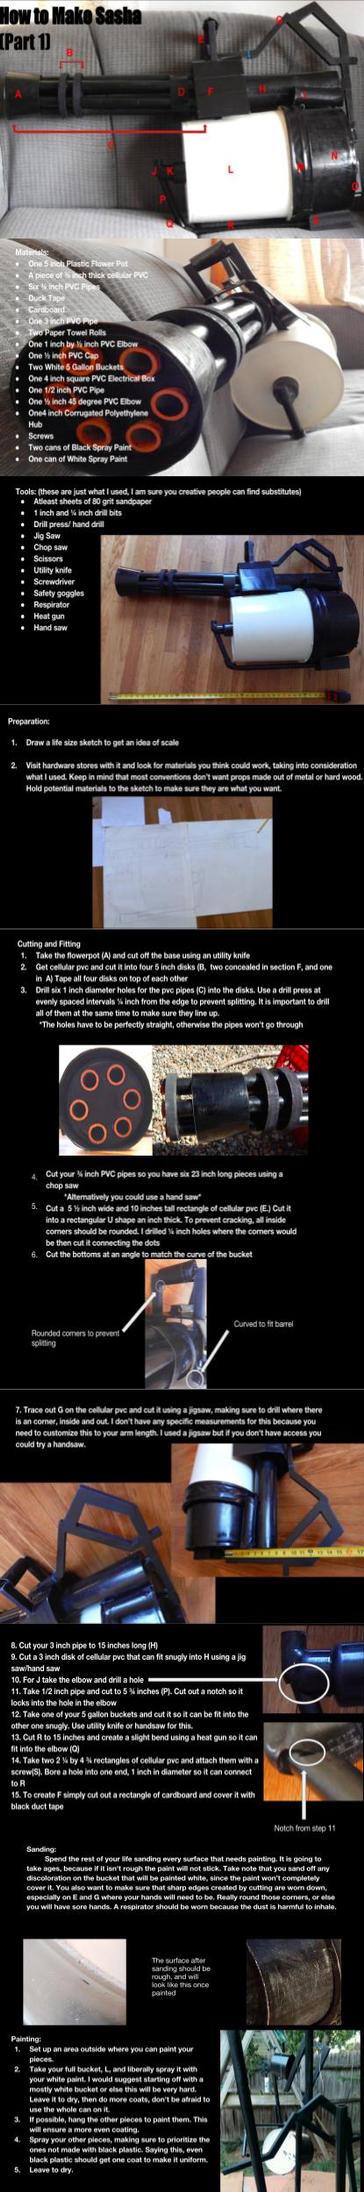 TF2 Minigun Prop Instructions Part 1 by DragonHaven42